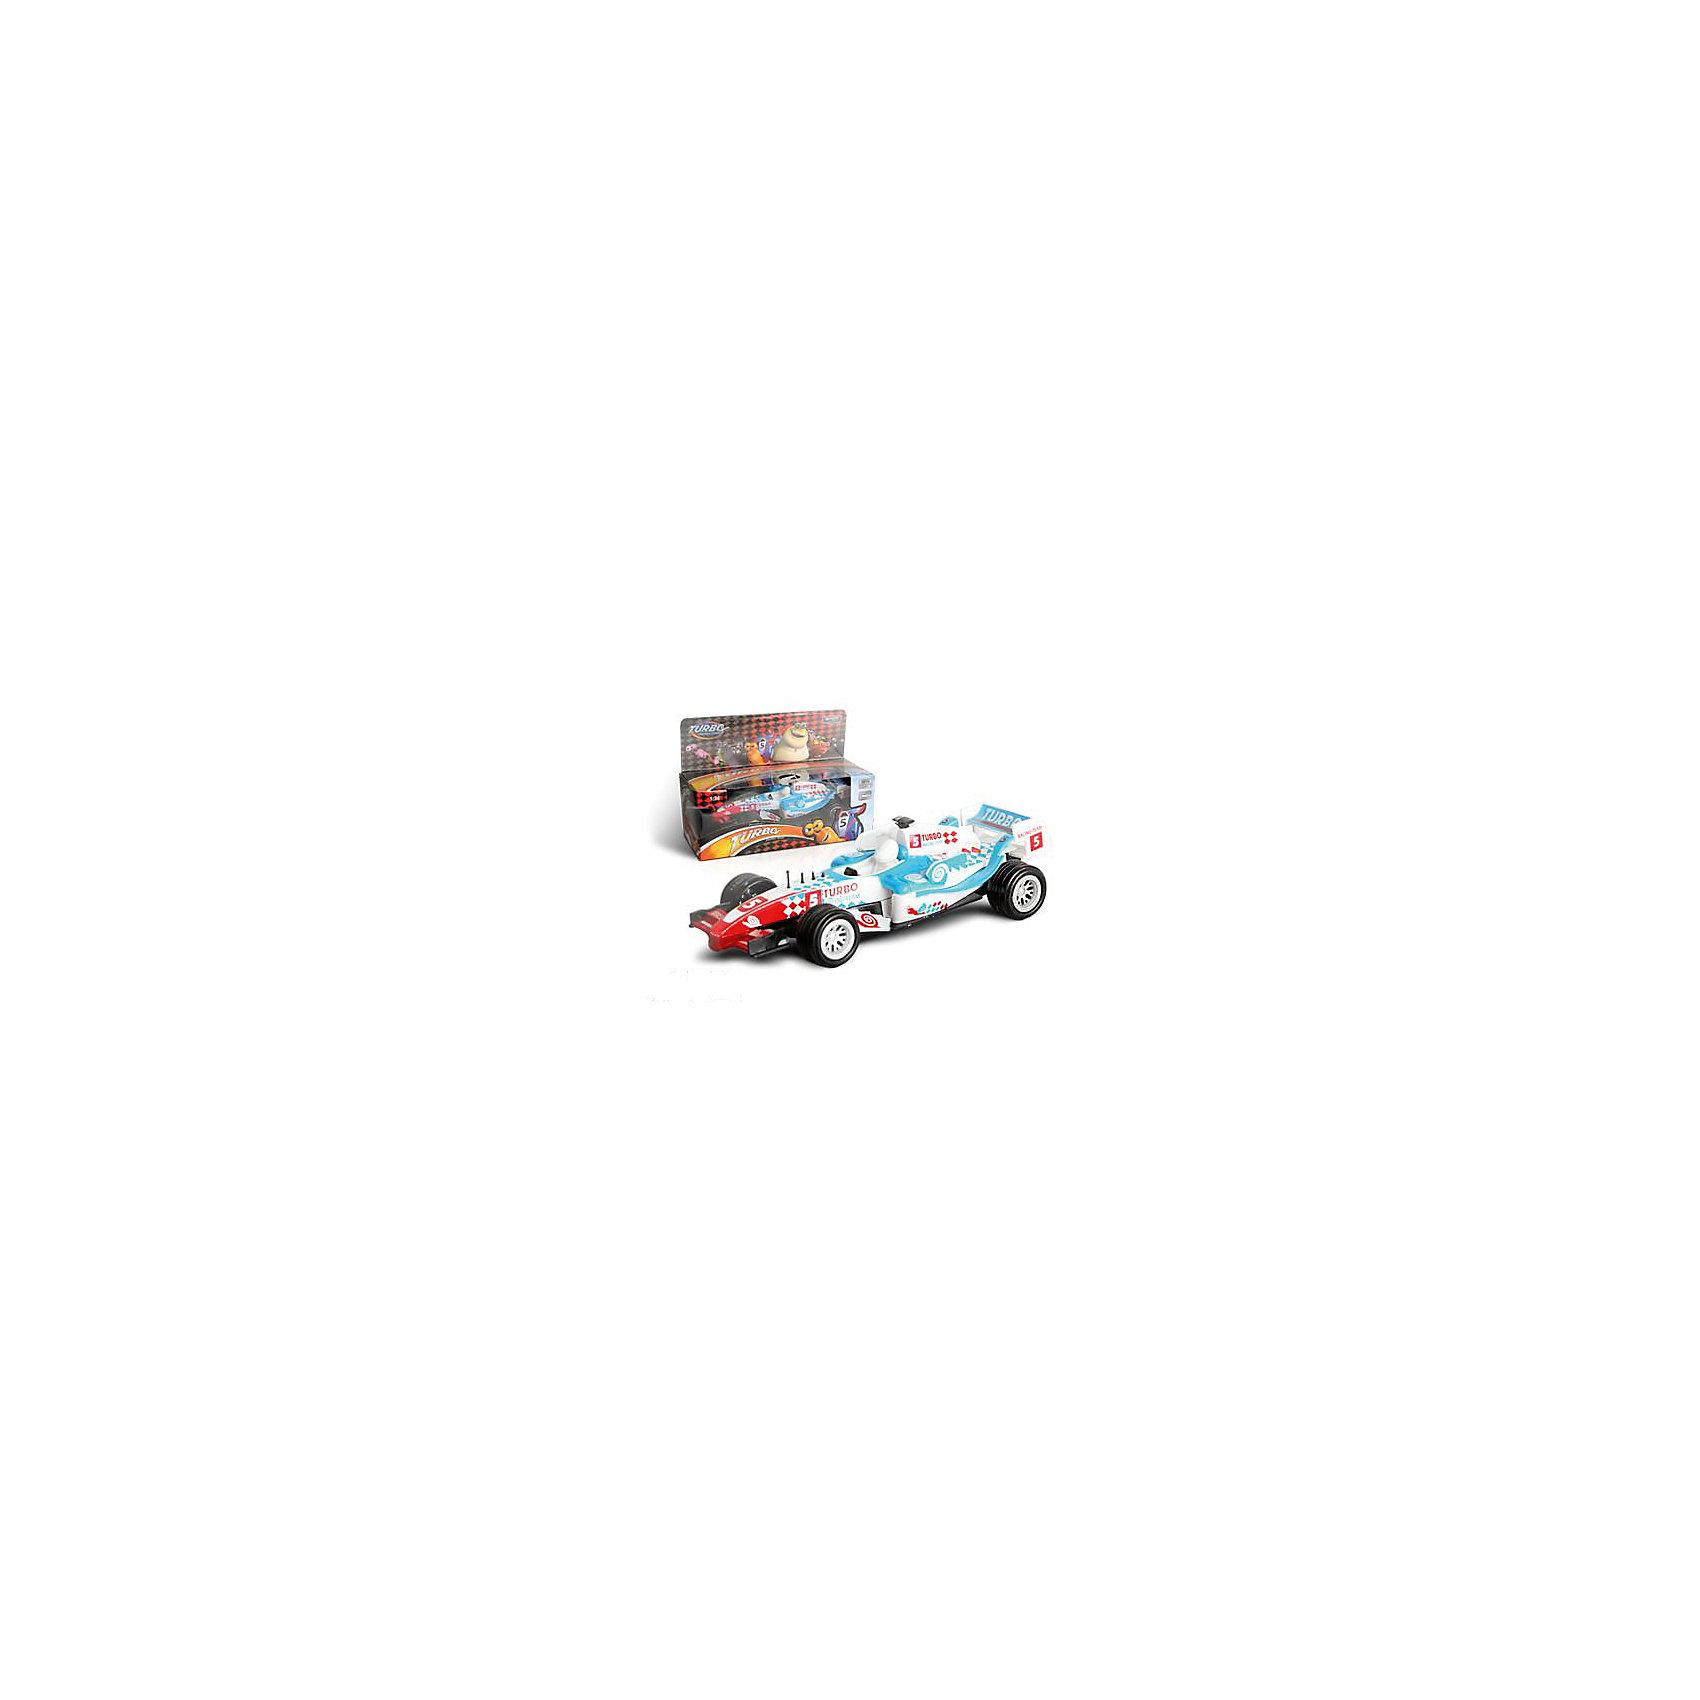 Машина FORMULA SUPER SPEED Turbo, звук, 1:24Этот яркий и быстрый гоночный болид покорит сердце любого мальчишки! Машина прекрасно детализирована и реалистично раскрашена, имеет подвижные колеса и звуковые эффекты. Игрушка изготовлена из высококачественных прочных материалов безопасных для детей. <br><br>Дополнительная информация:<br><br>- Материал: пластик, металл.<br>- Масштаб: 1:24.<br>- Колеса подвижные.<br>- Звуковые эффекты.<br>- Элемент питания: батарейка (в комплекте).<br><br>Машину DAYTONA GRAND PRIX, 1:18, можно купить в нашем магазине.<br><br>Ширина мм: 215<br>Глубина мм: 88<br>Высота мм: 80<br>Вес г: 188<br>Возраст от месяцев: 36<br>Возраст до месяцев: 84<br>Пол: Мужской<br>Возраст: Детский<br>SKU: 4515367